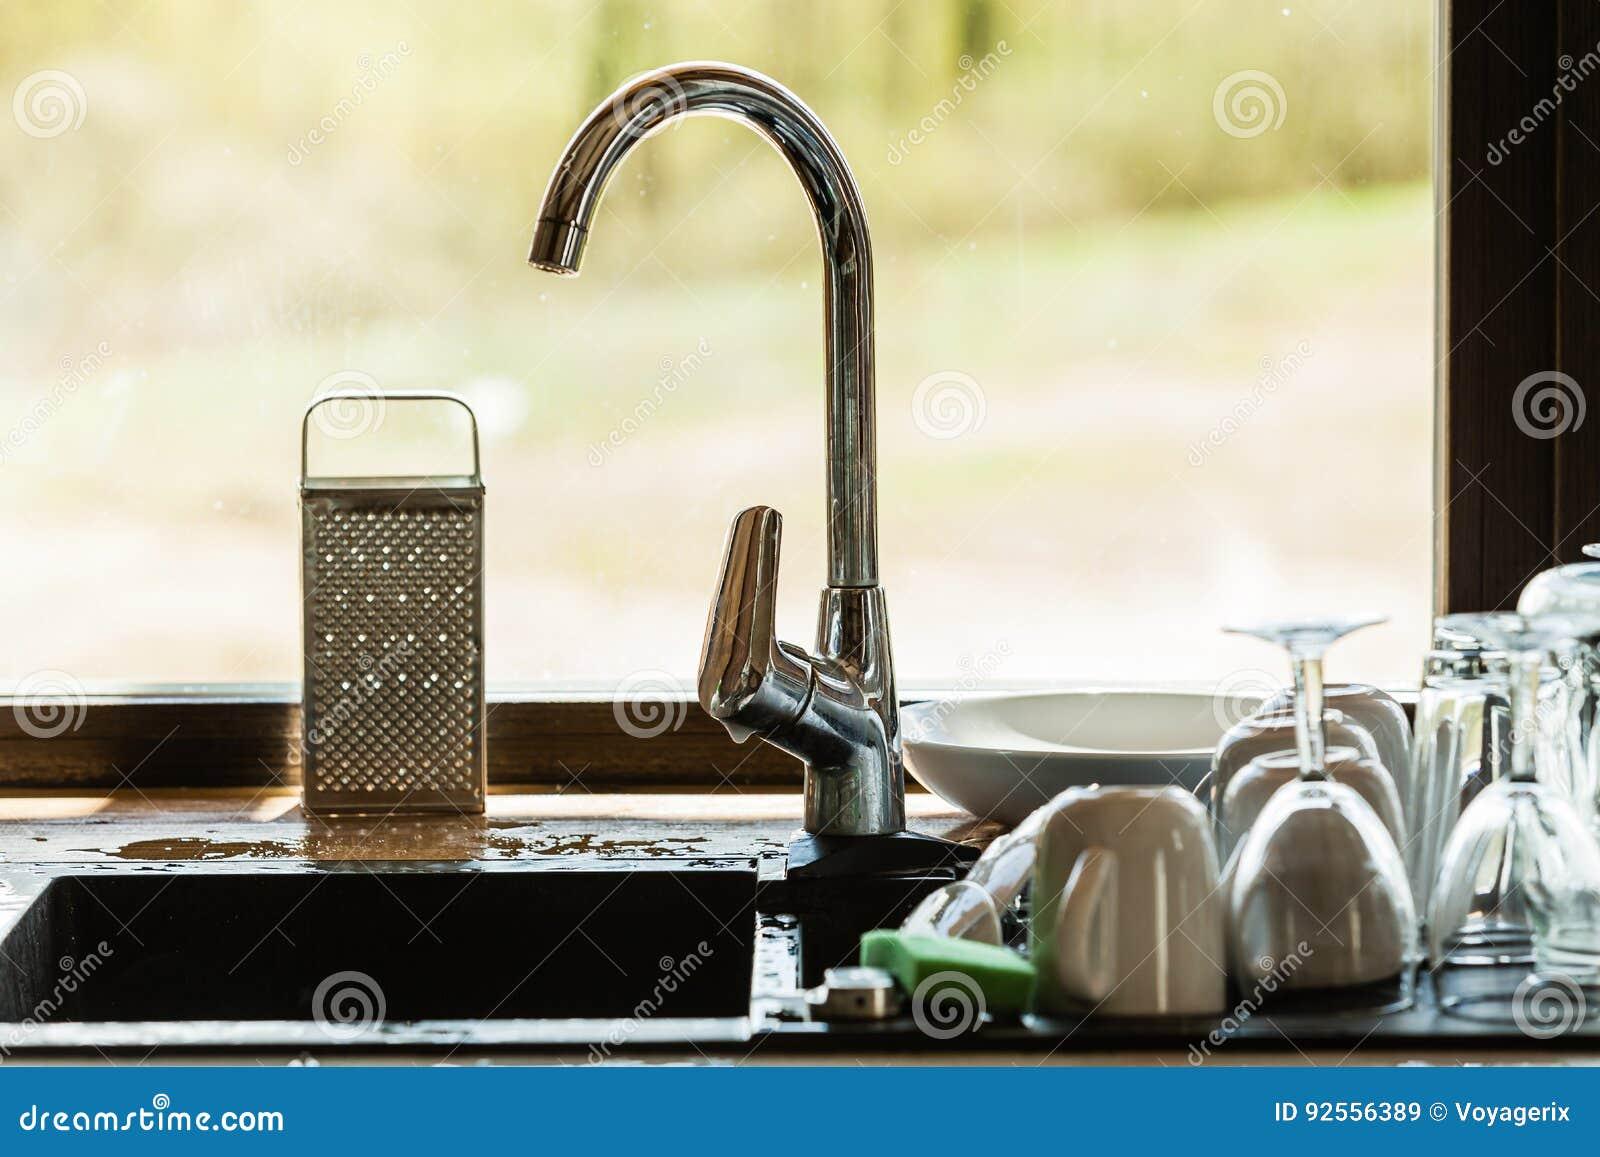 Lavaggio in su lavandino e stoviglie di cucina